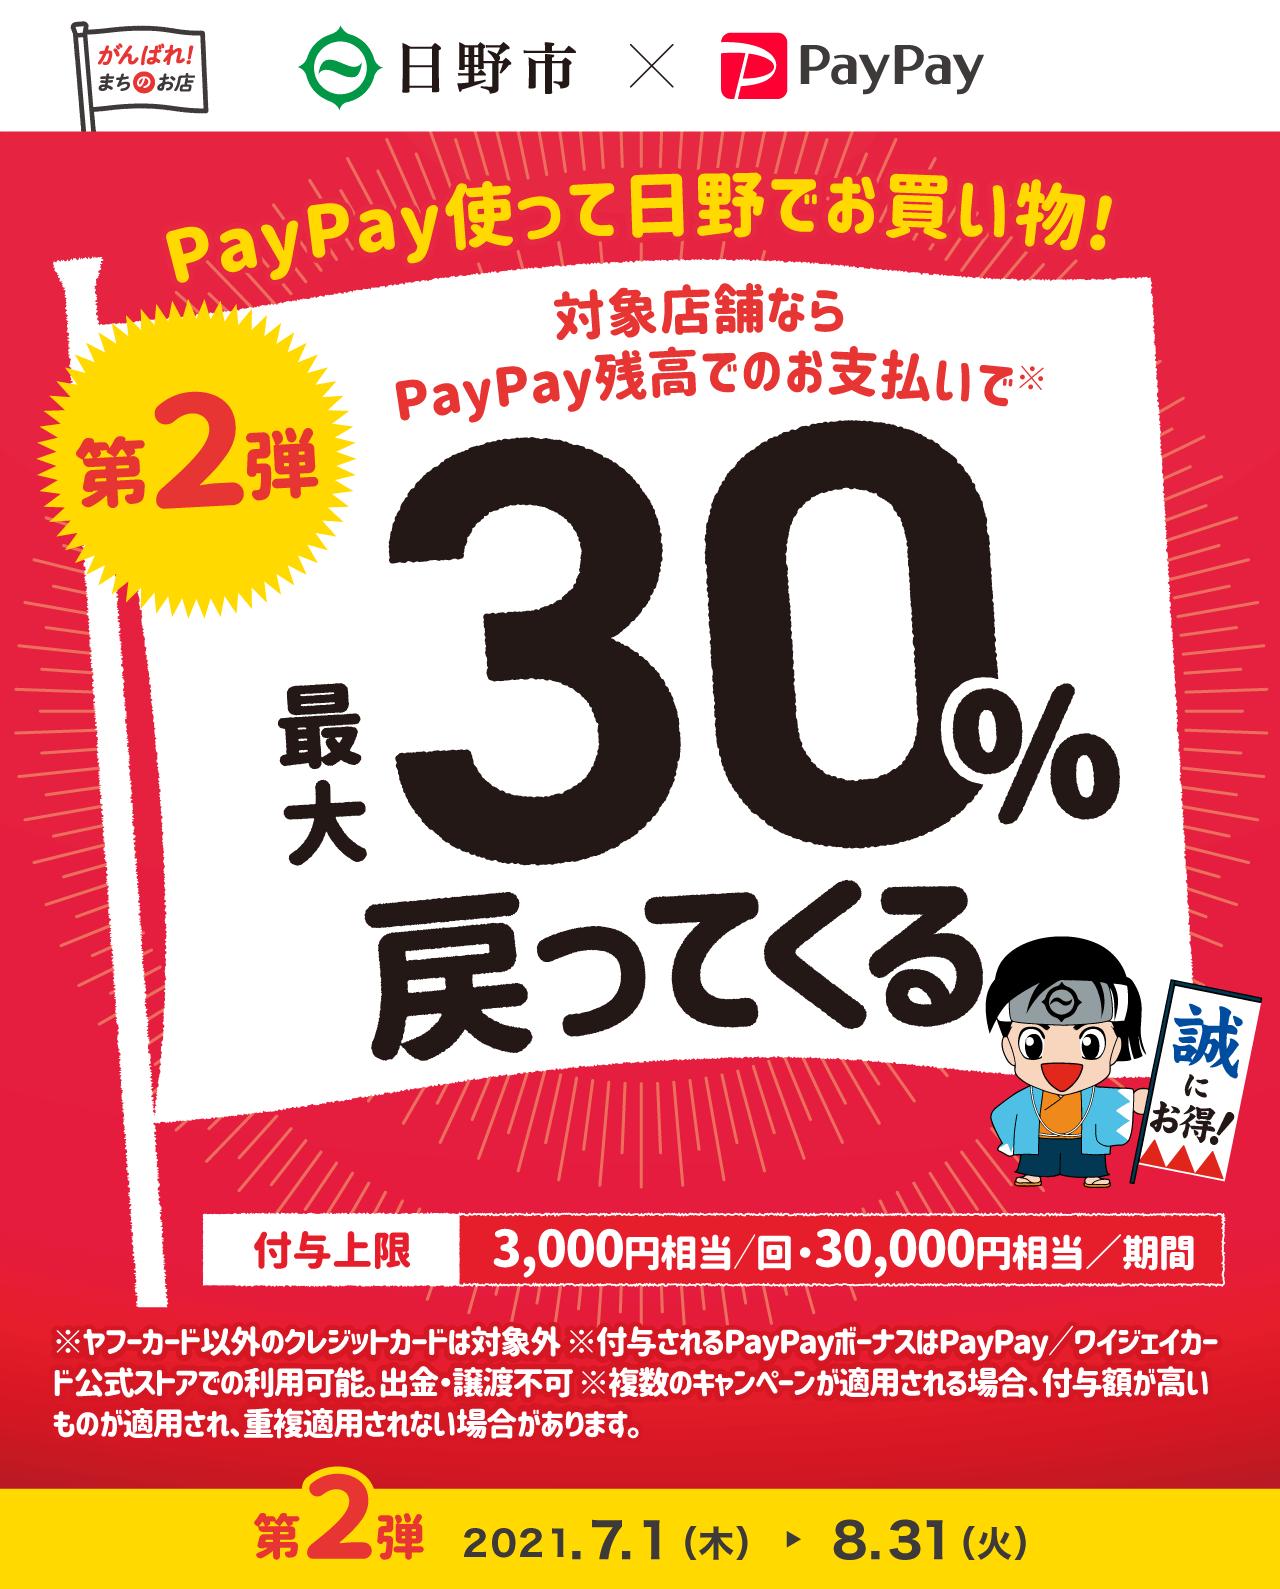 PayPay使って日野でお買い物! 第2弾 対象店舗ならPayPay残高でのお支払いで最大30%戻ってくる